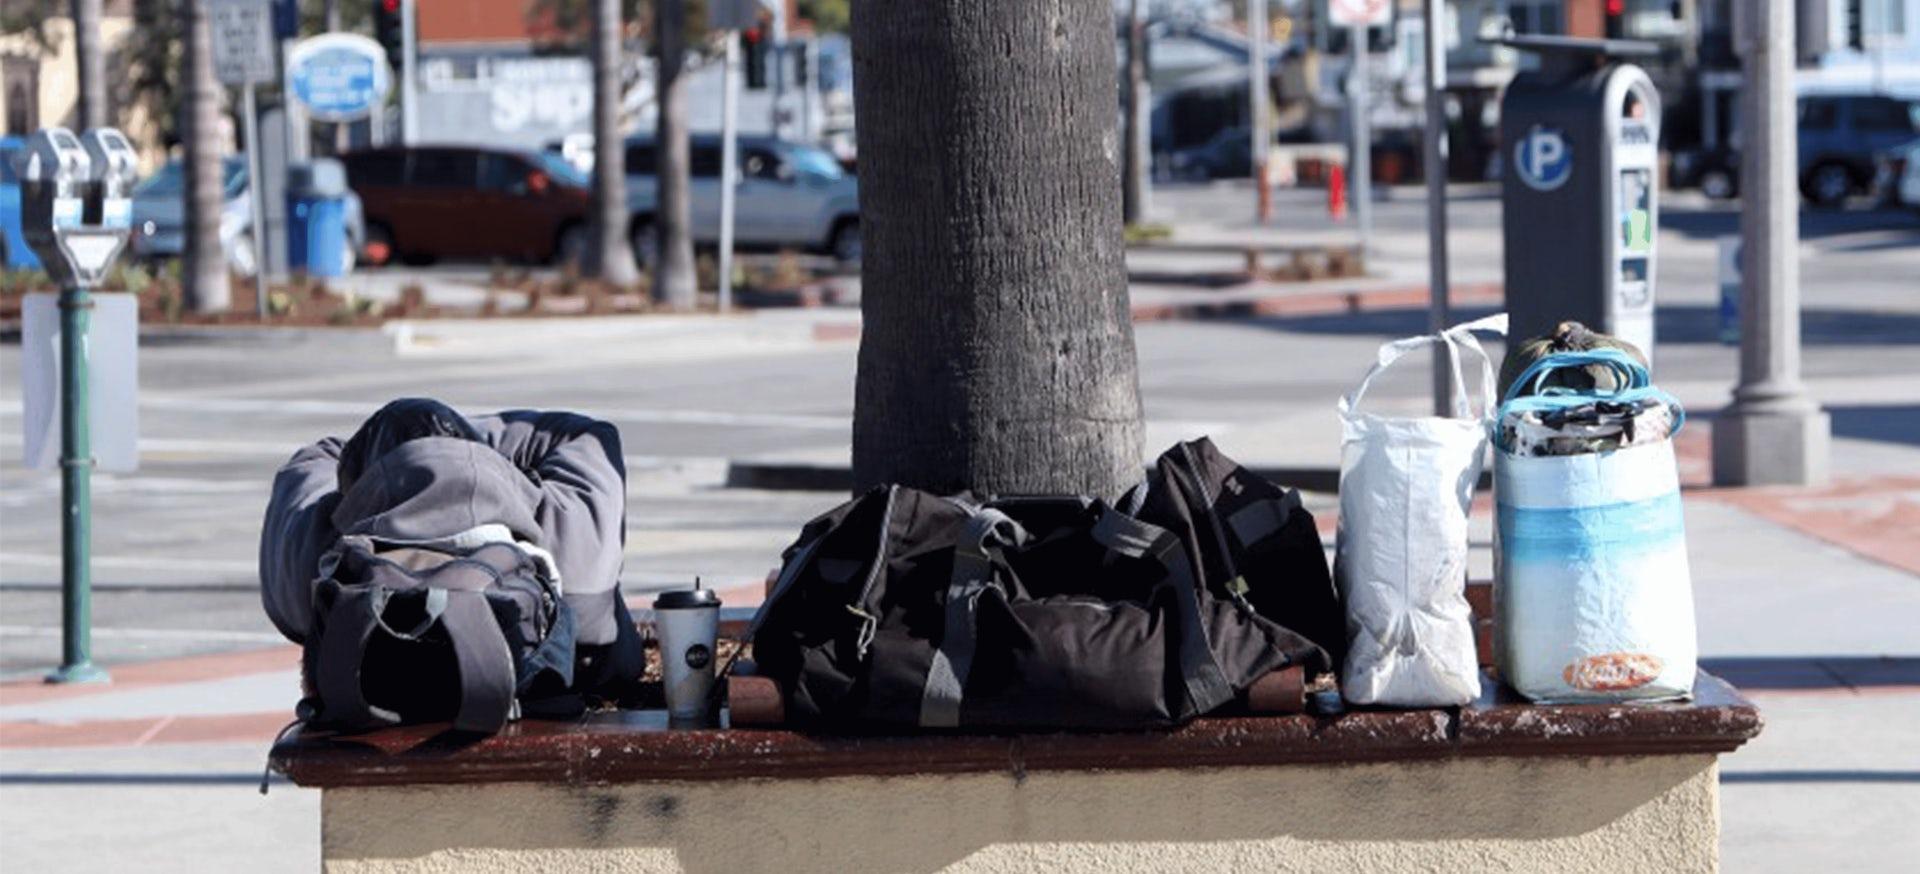 News Homeless Shelter